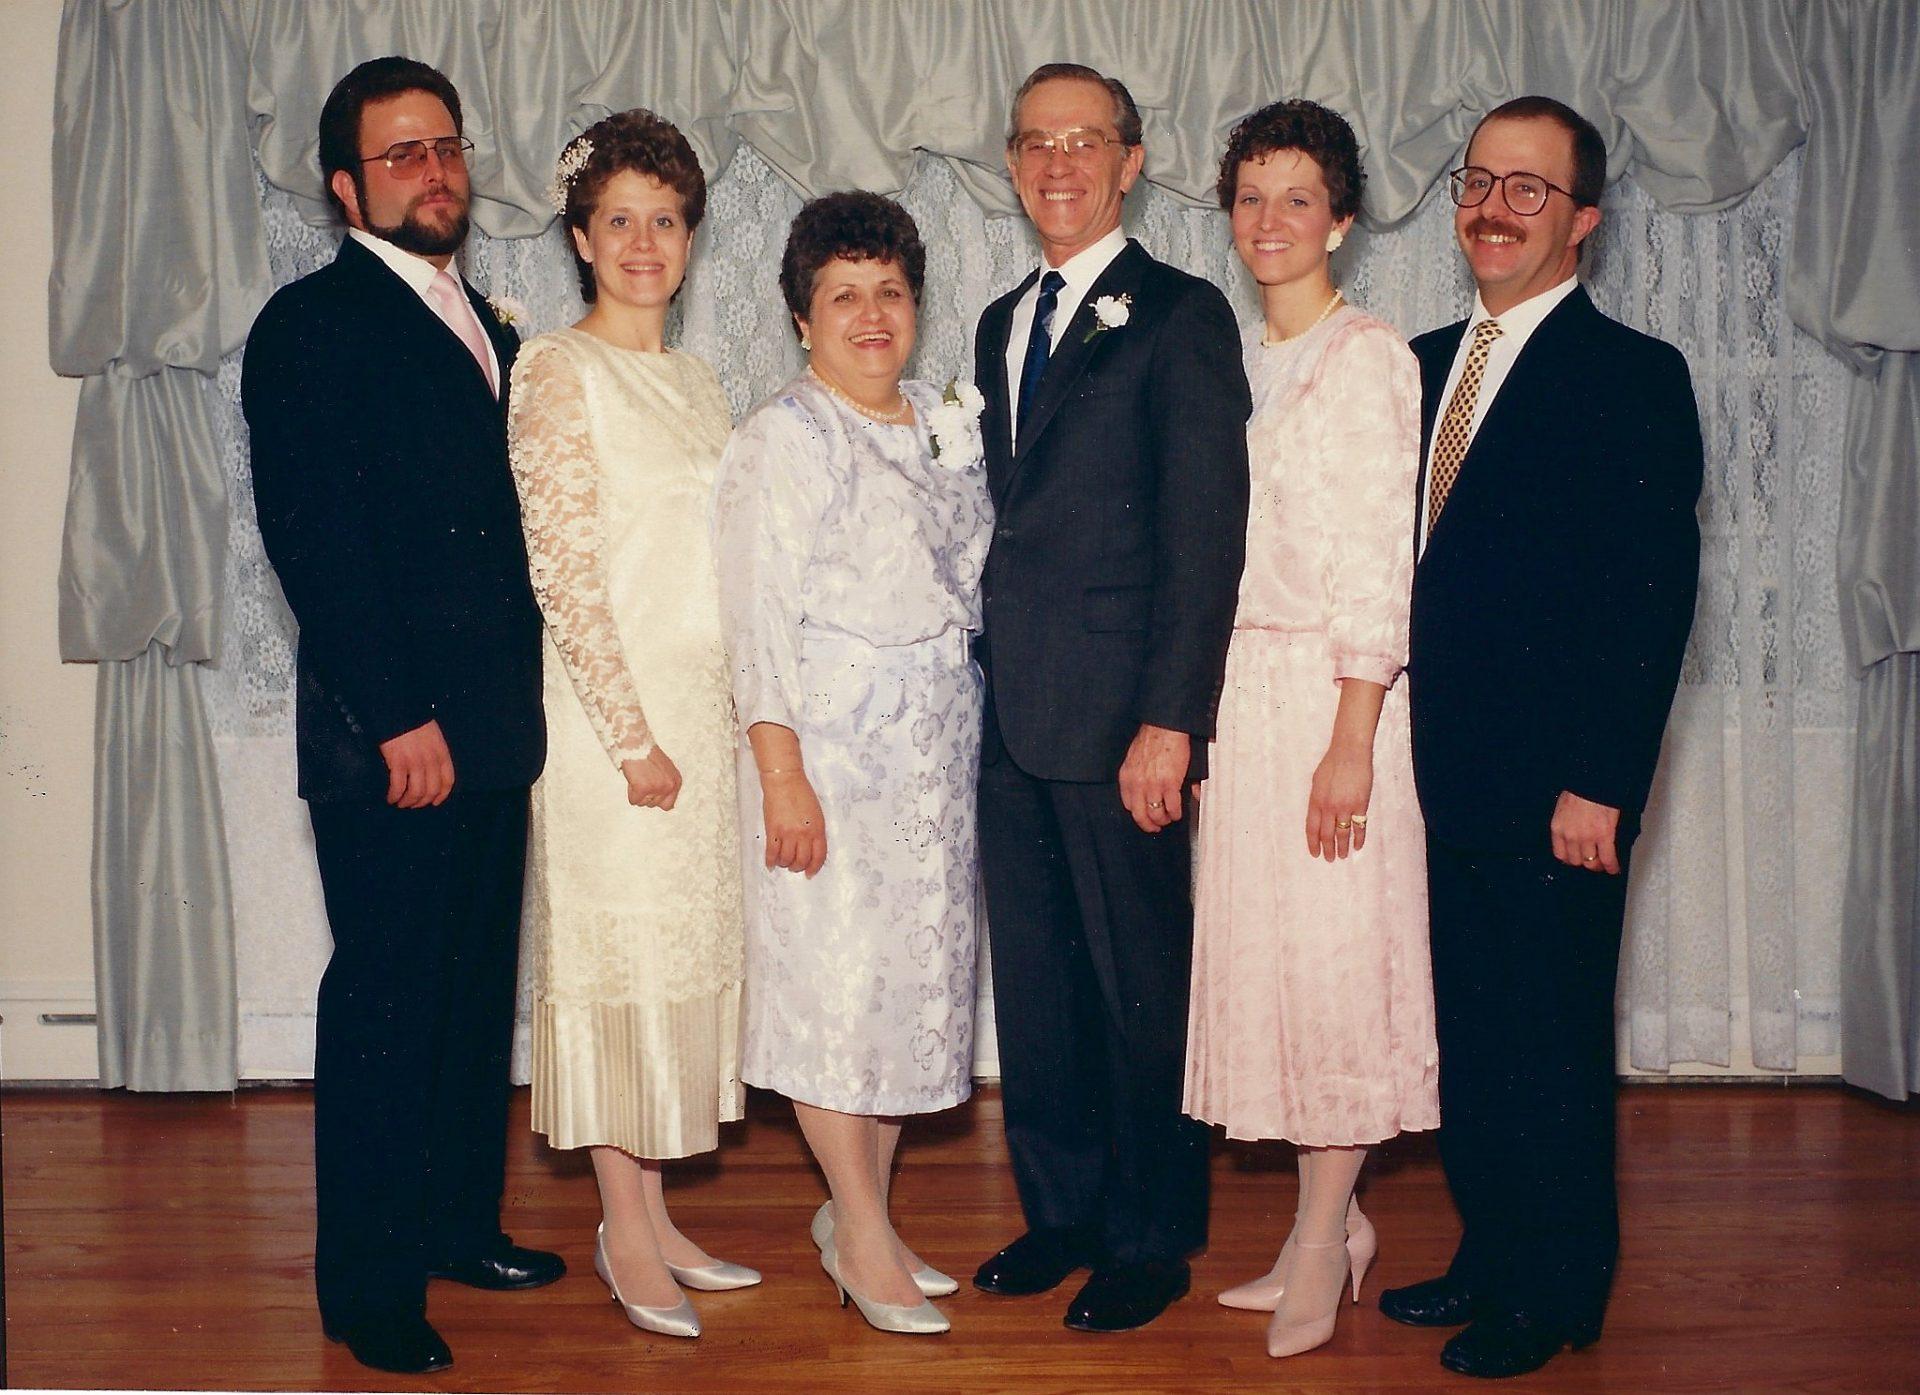 Butch at Martha's Wedding 1988